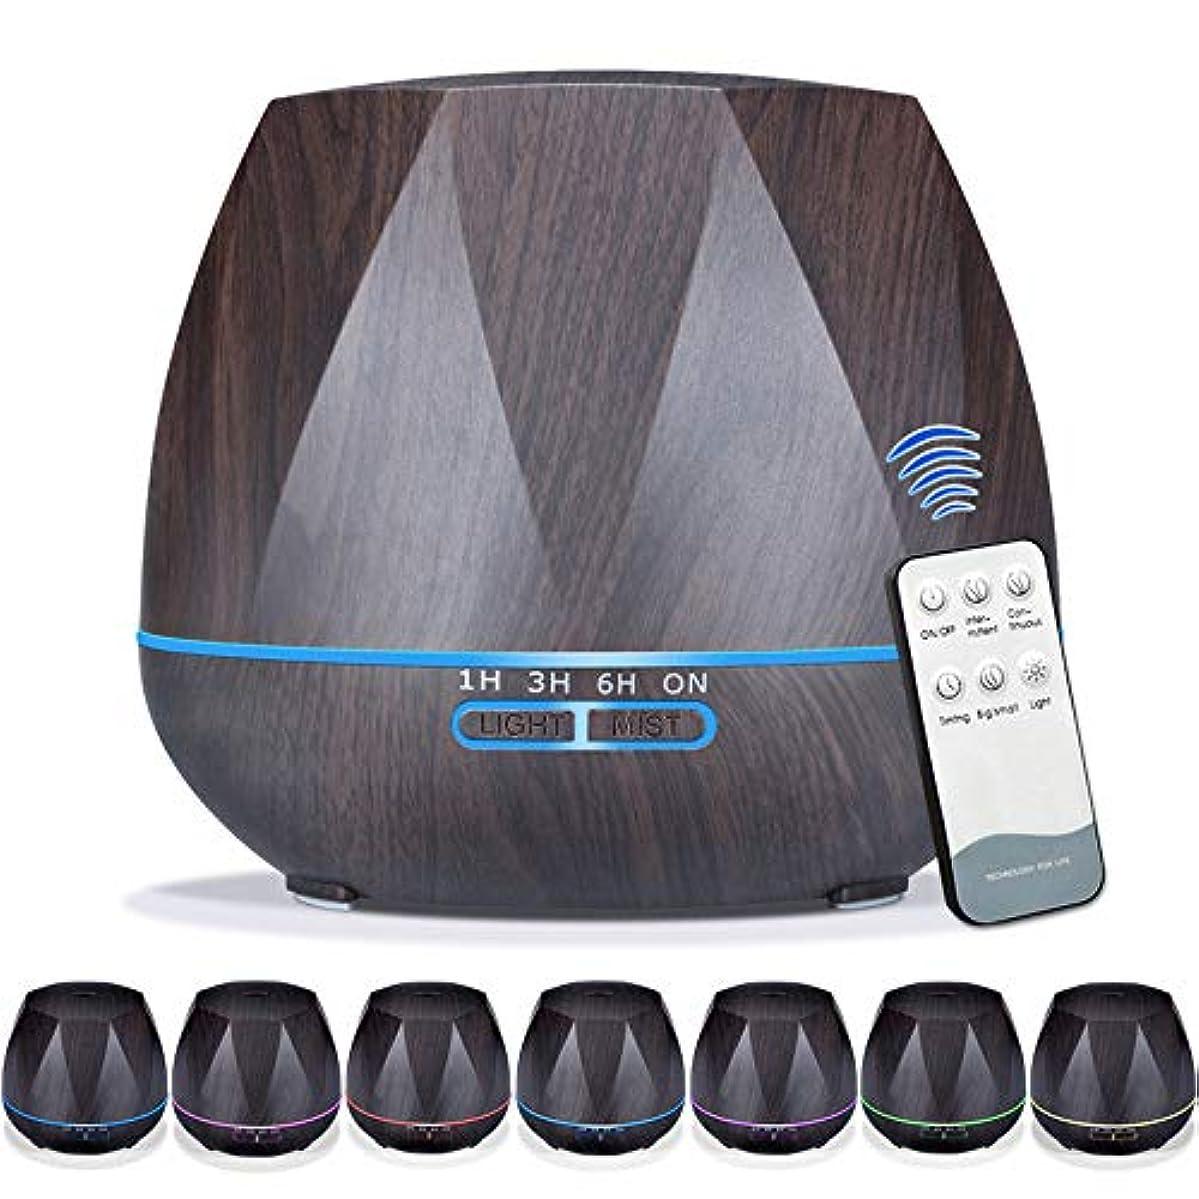 橋バラ色コーデリア550mlエッセンシャルオイルディフューザー5に1アロマセラピー超音波クールミスト加湿器ルーム空気香りホームオフィスギフト用,EUplug